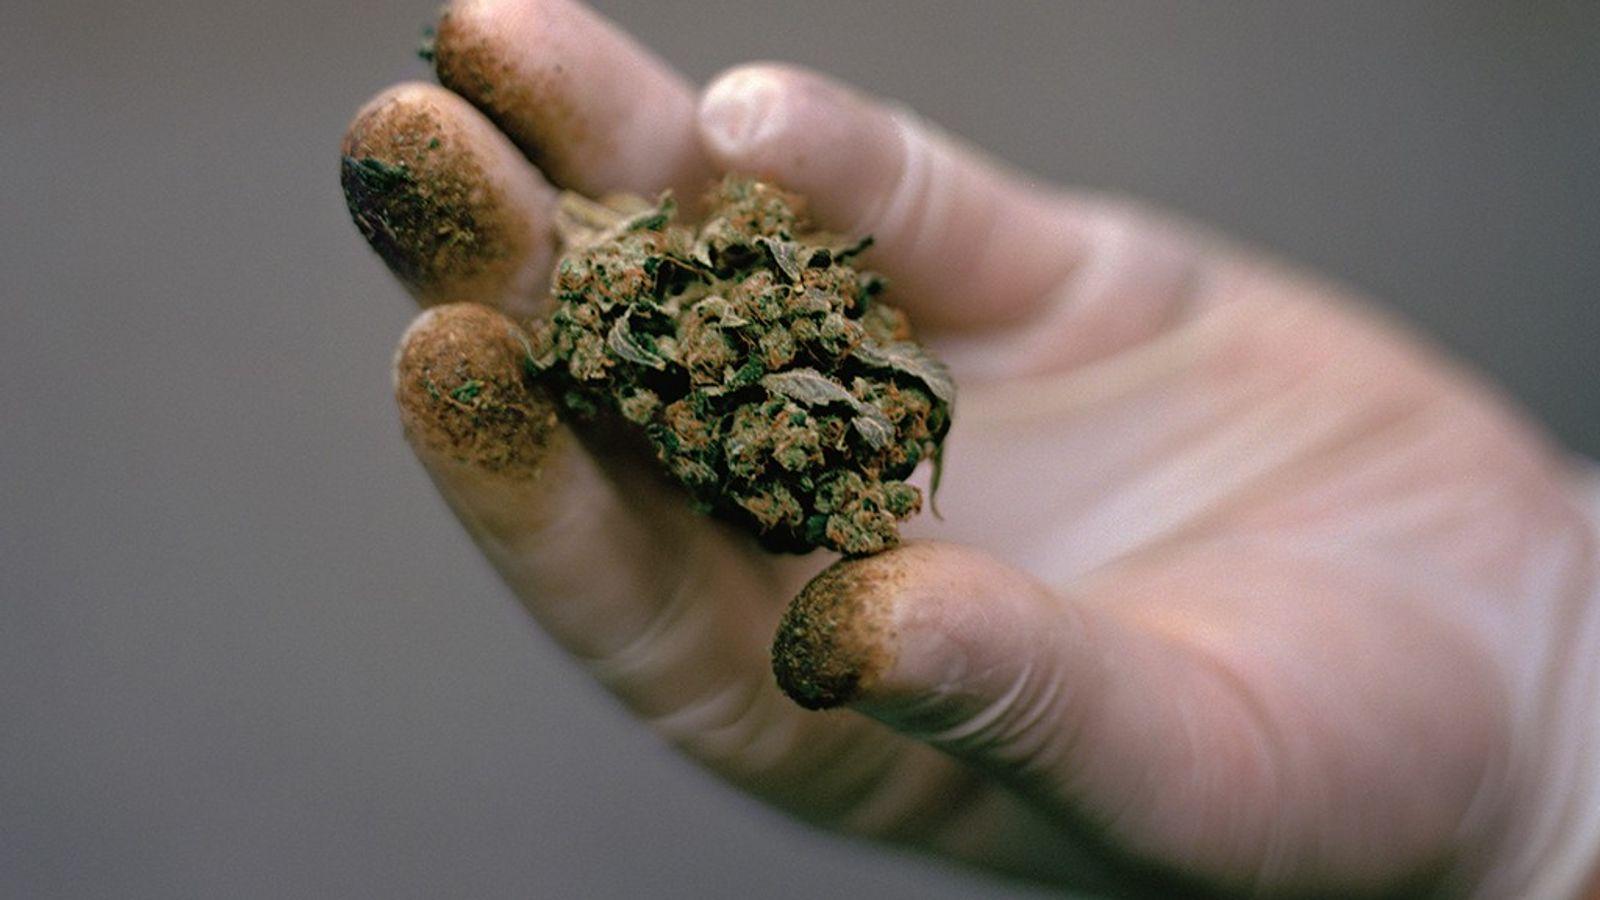 Los defensores de la marihuana creen que la planta, durante mucho tiempo difamada, puede mejorar la ...